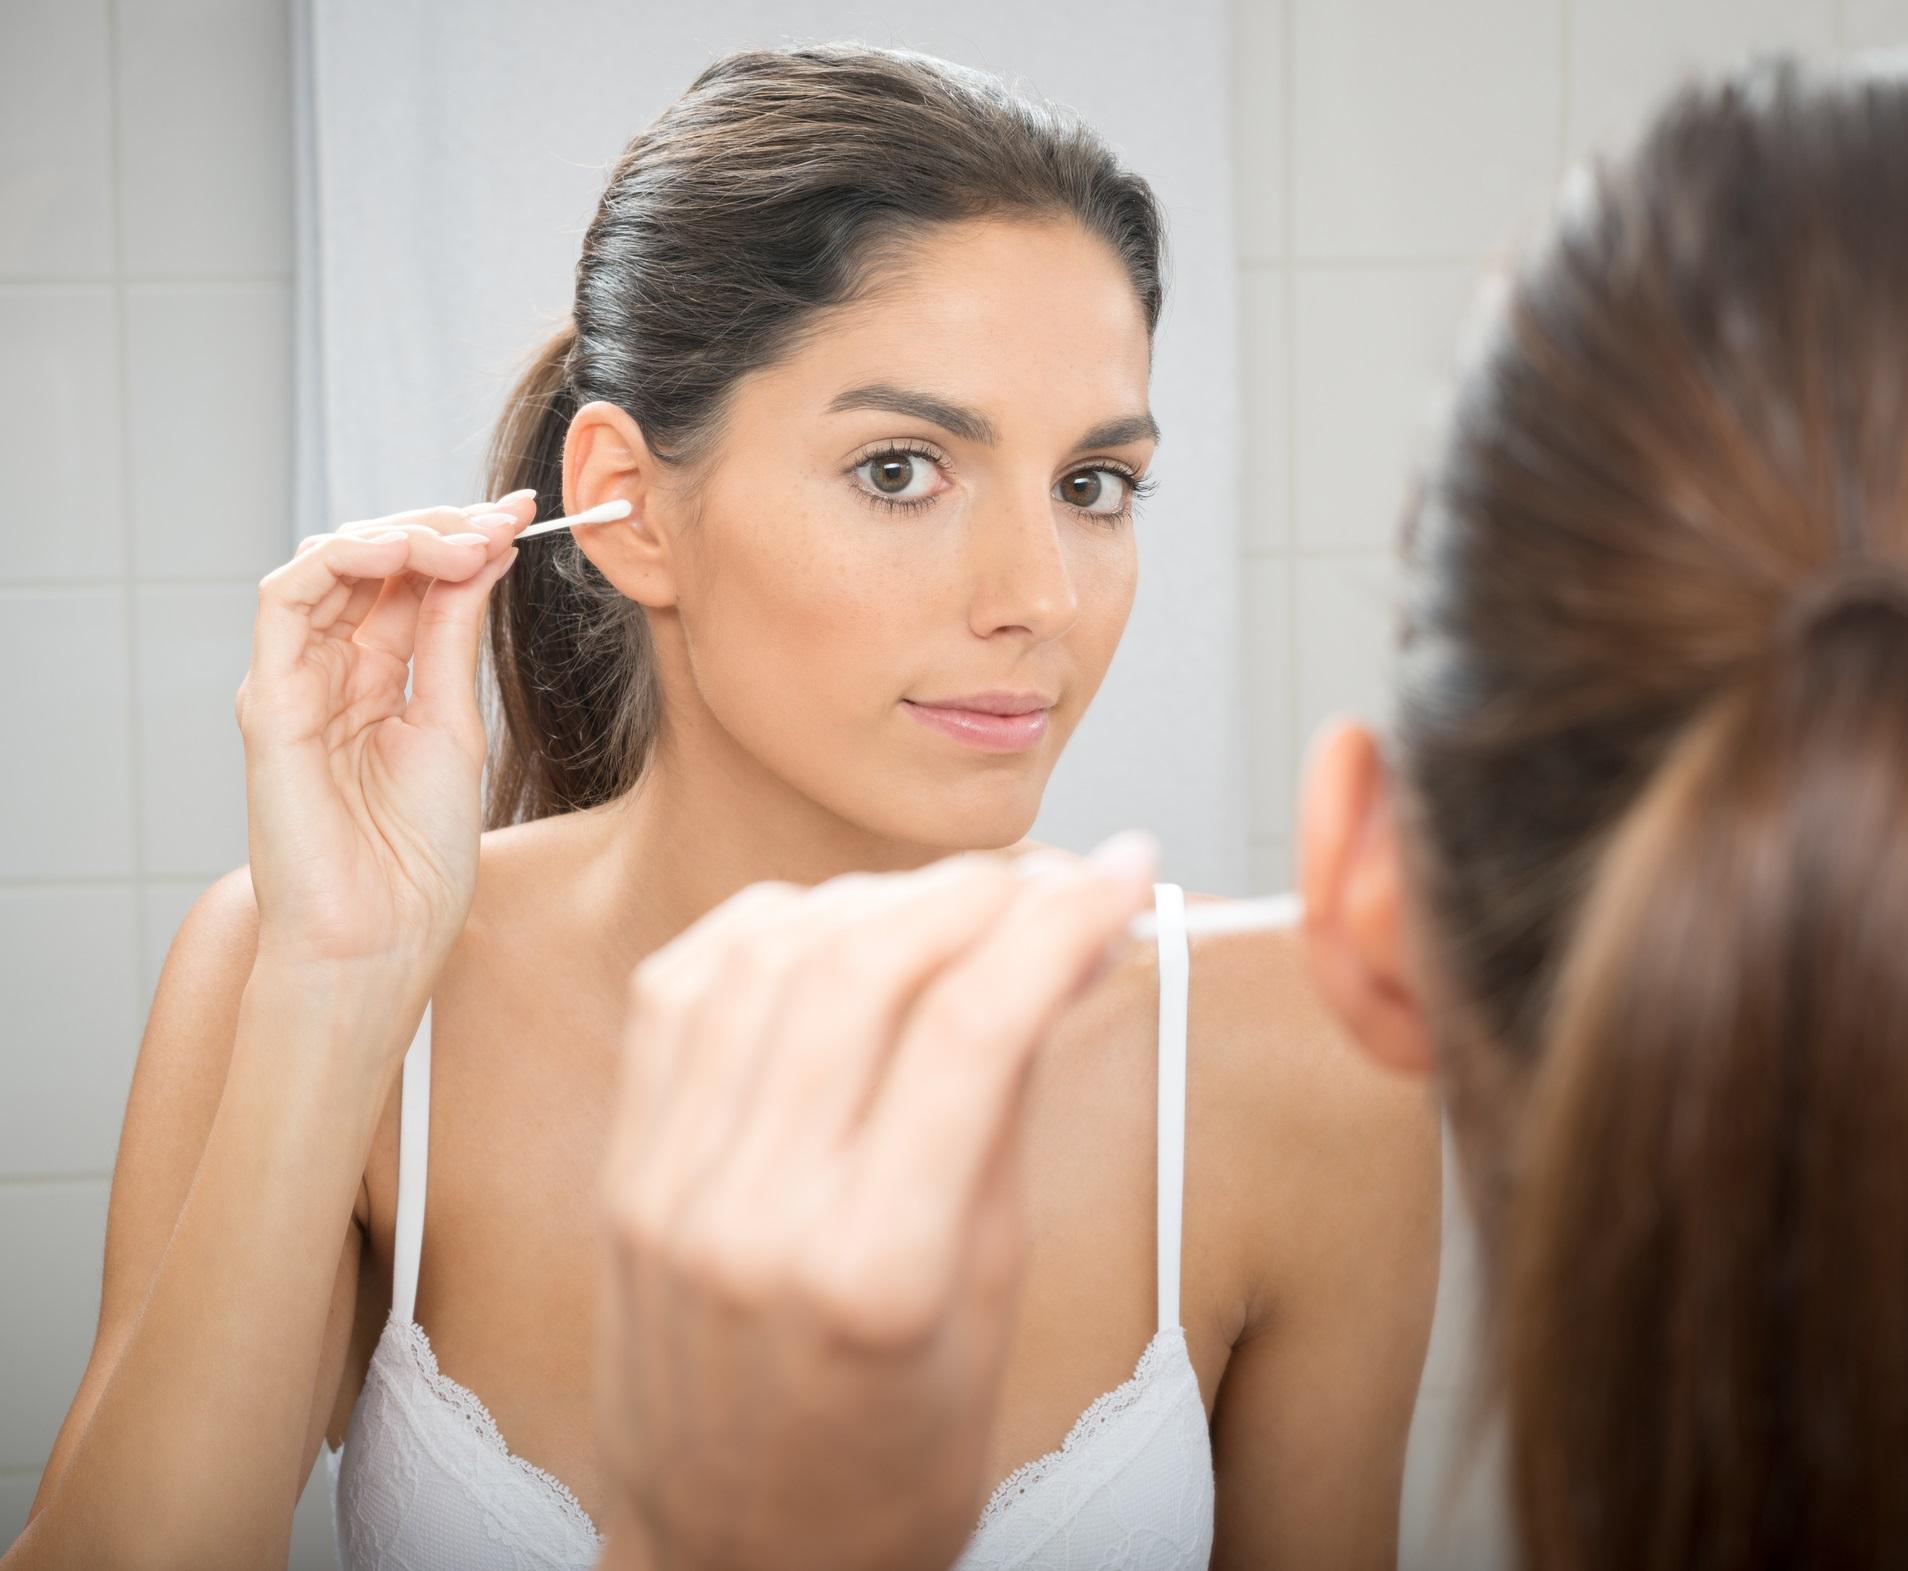 <p>Не използвайте клечки за уши<br /> <br /> Една от най-големите грешки е използването на клечки за уши за почистване на ушната кал. Ухото я създава, за да се предпази от инфекции и да помага водата да изтича от ухото. Клечките за уши само я натъпкват навътре в ухото и могат да наранят кожата, довеждайки до инфекции и дори перфорация.</p>